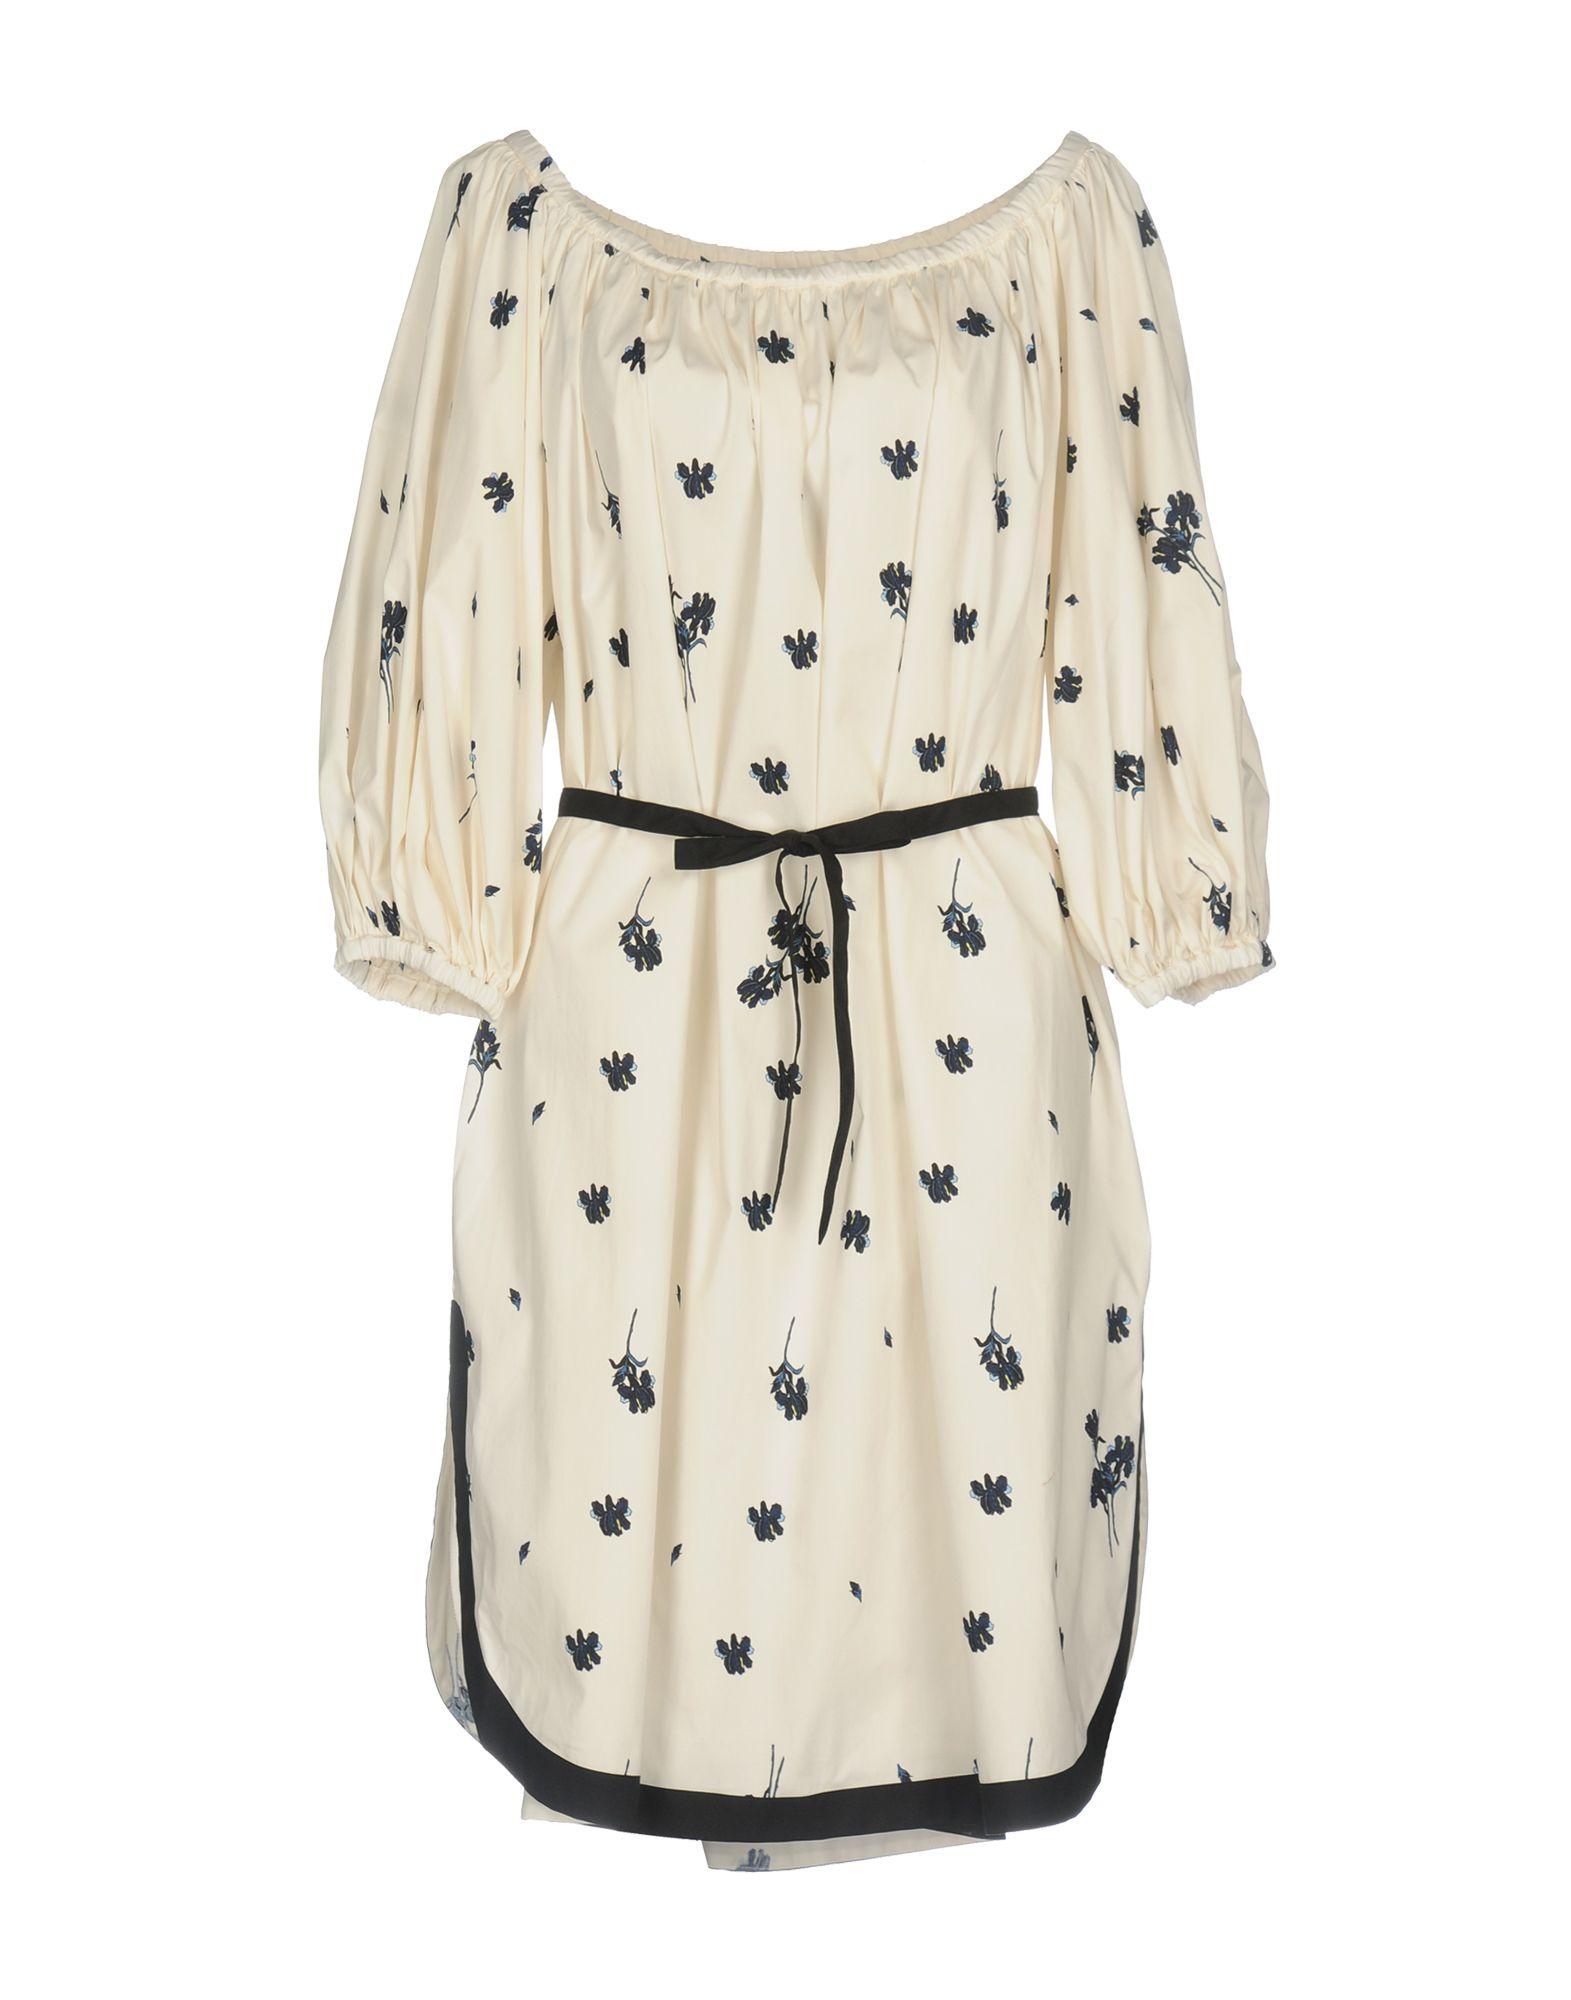 где купить RACHEL COMEY Платье до колена по лучшей цене